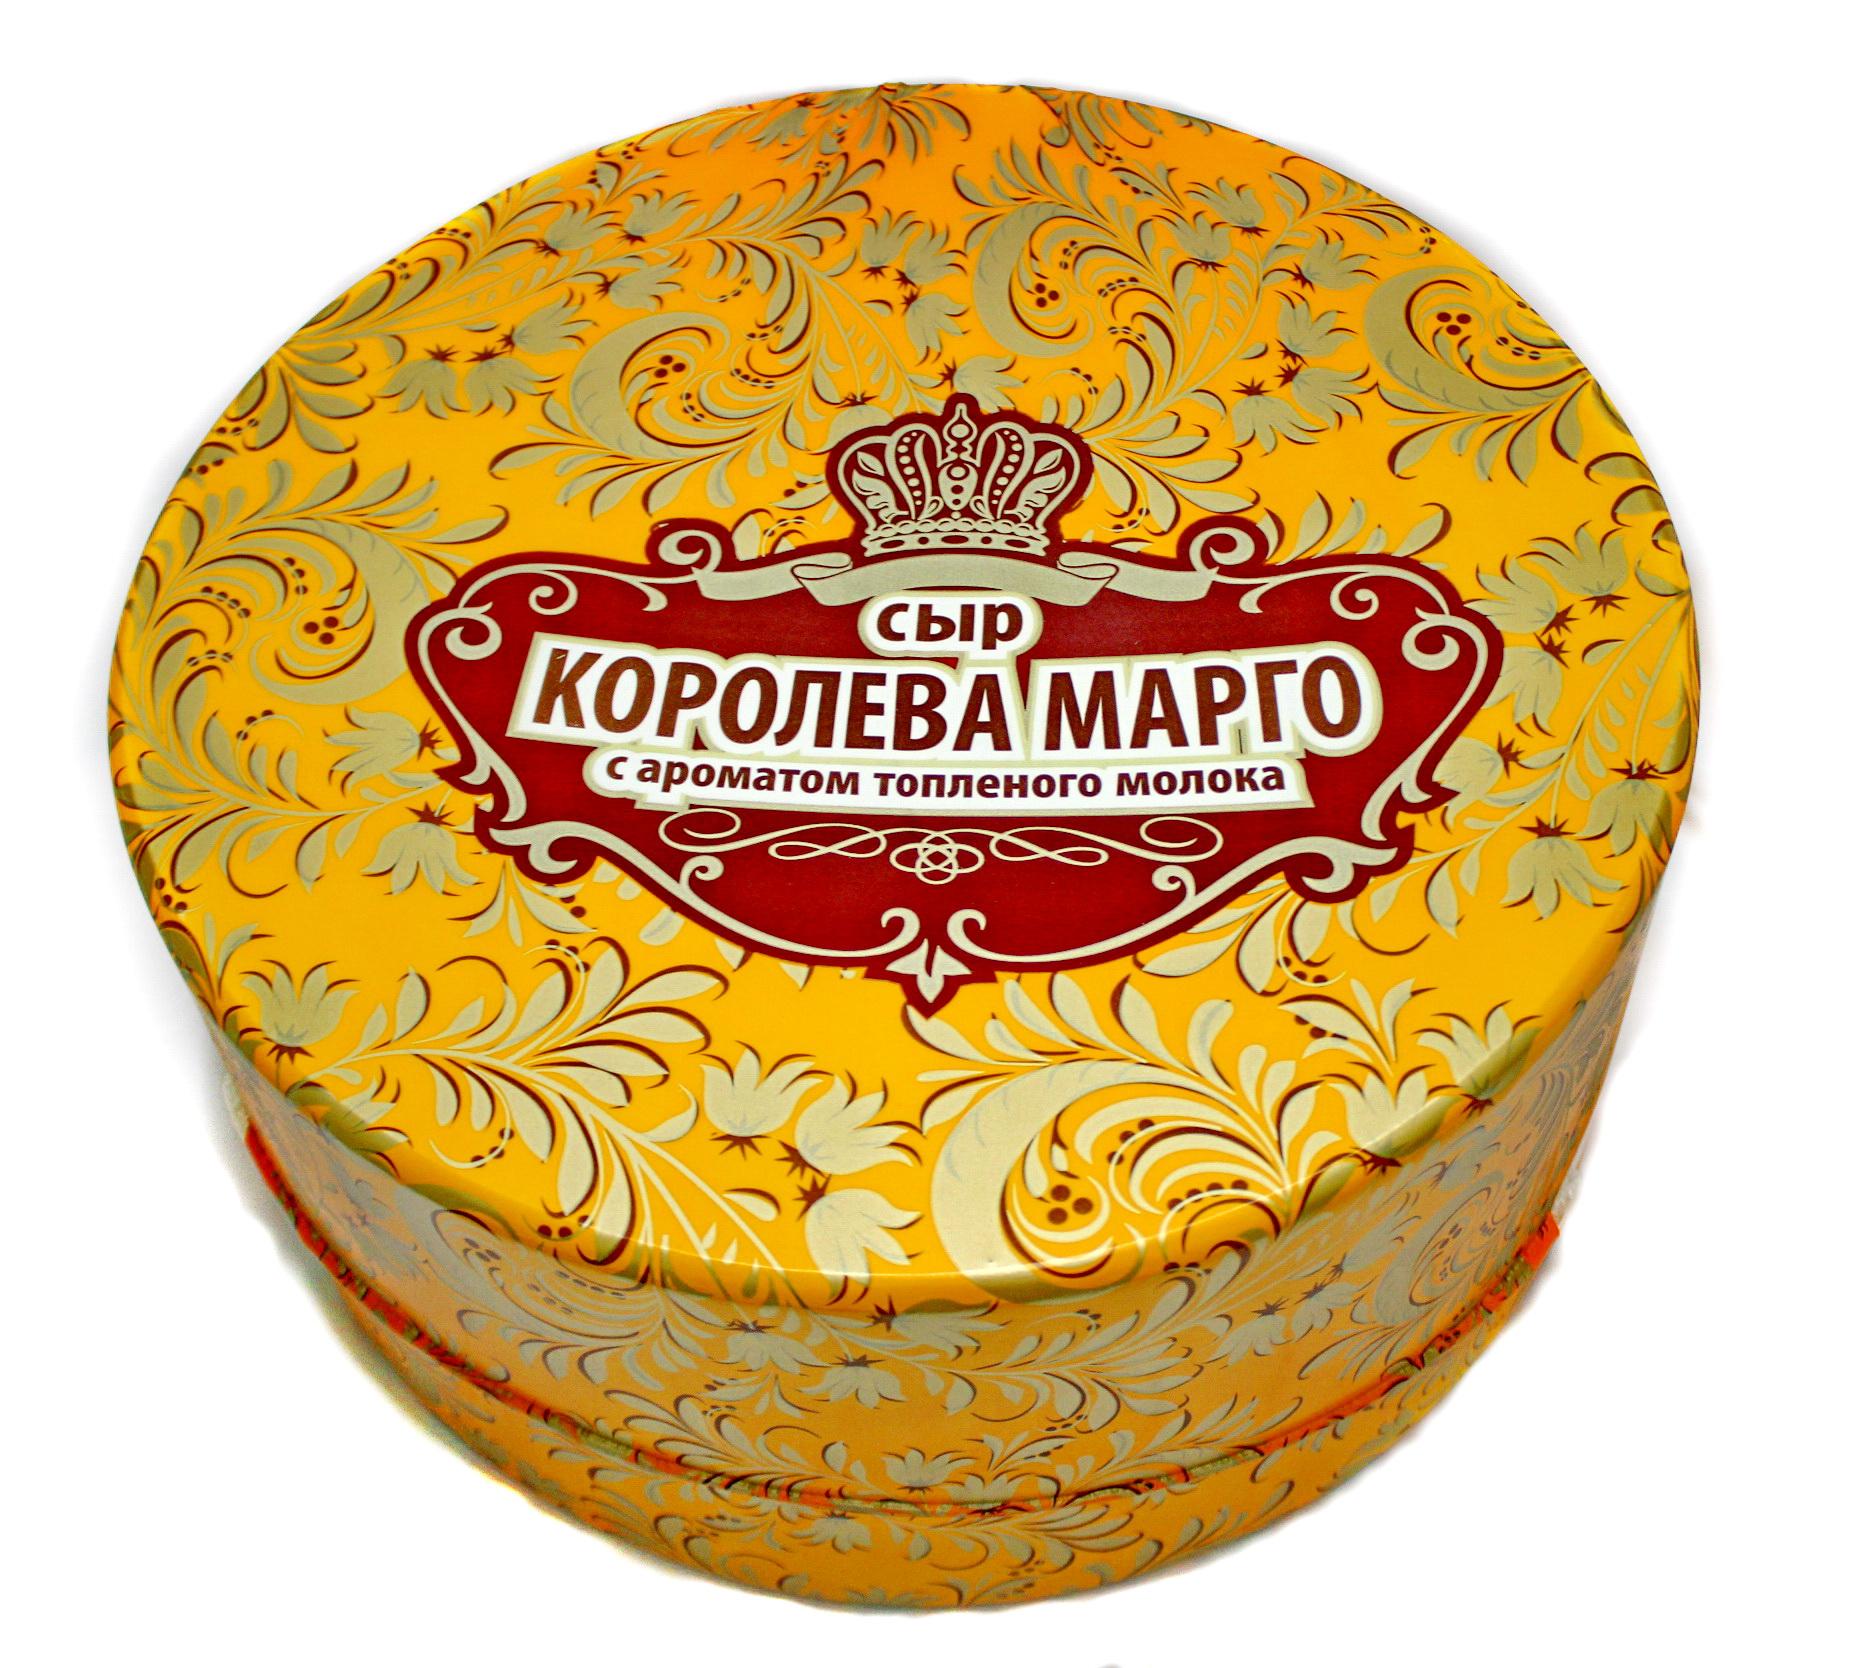 Сыр «Королева Марго» с ароматом топленого молока 50%